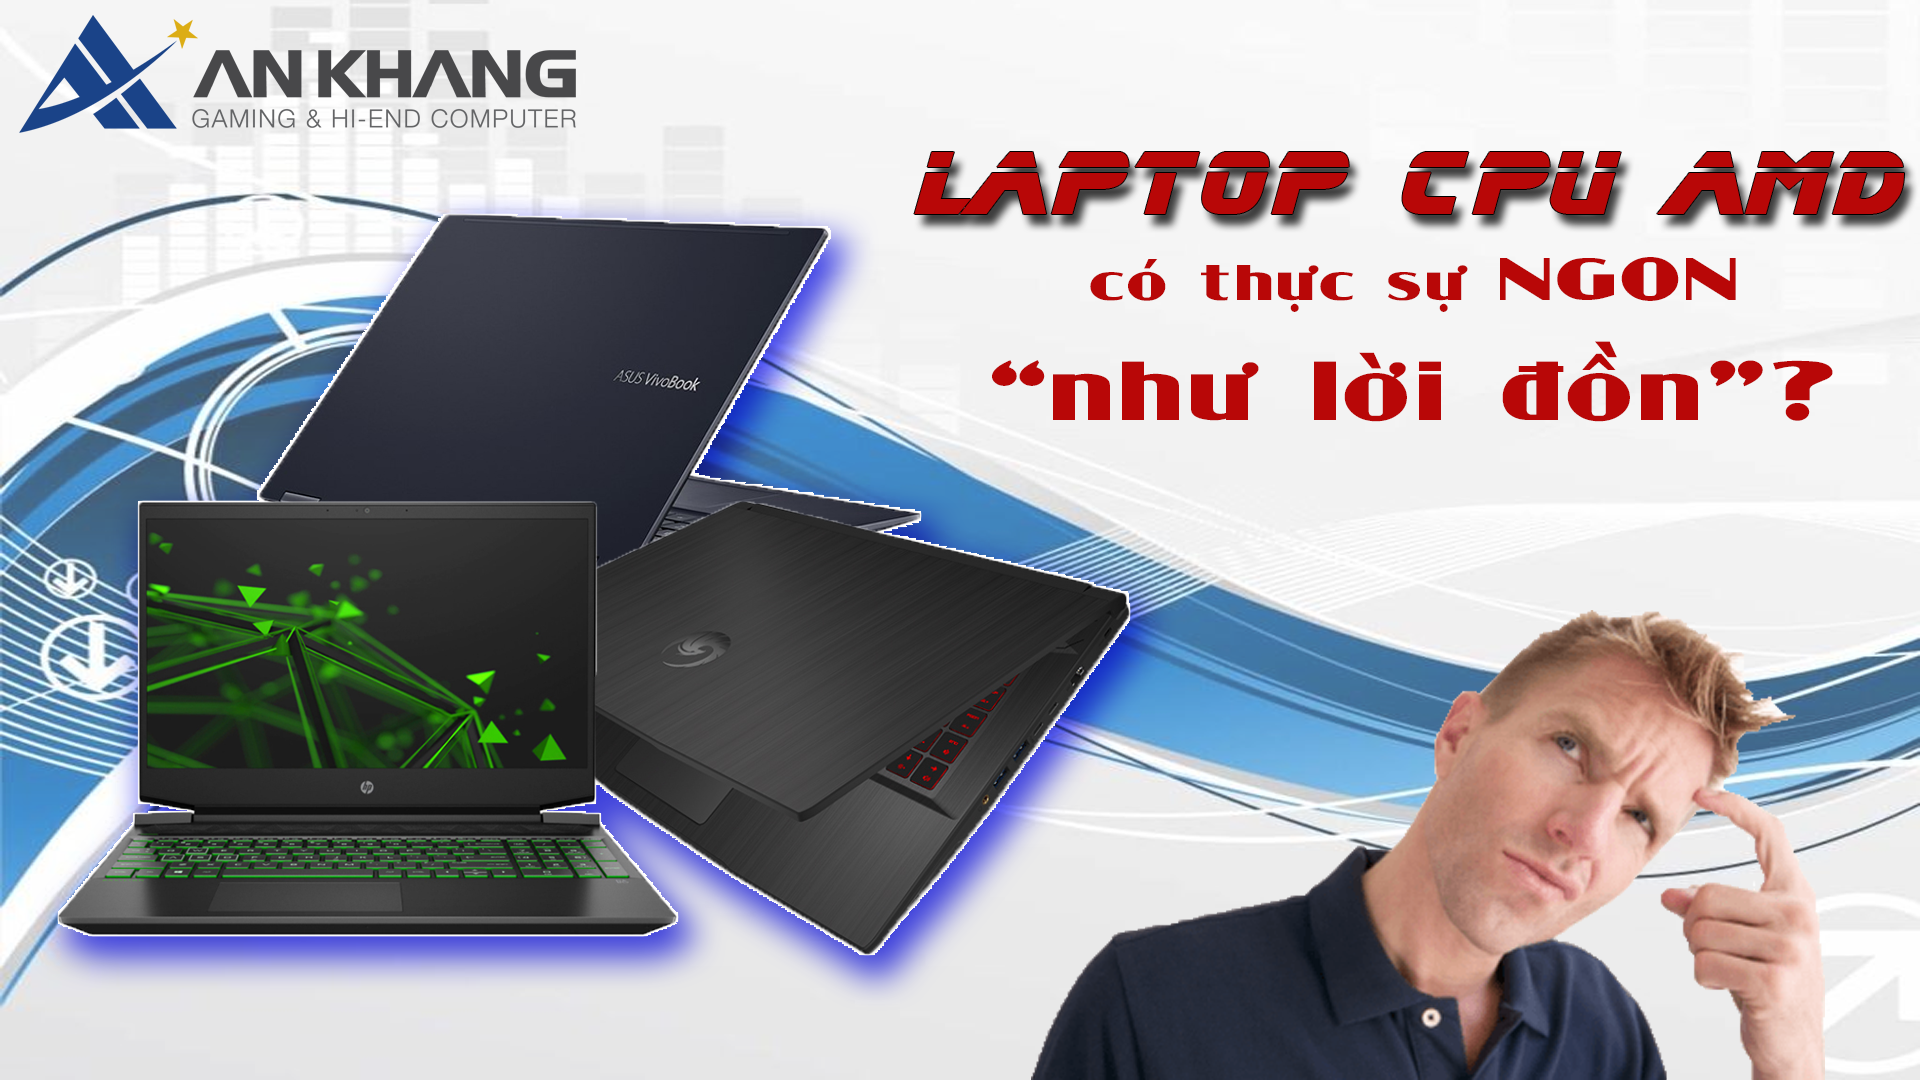 """Laptop sử dụng CPU AMD có thực sự ngon """"như lời đồn""""?"""